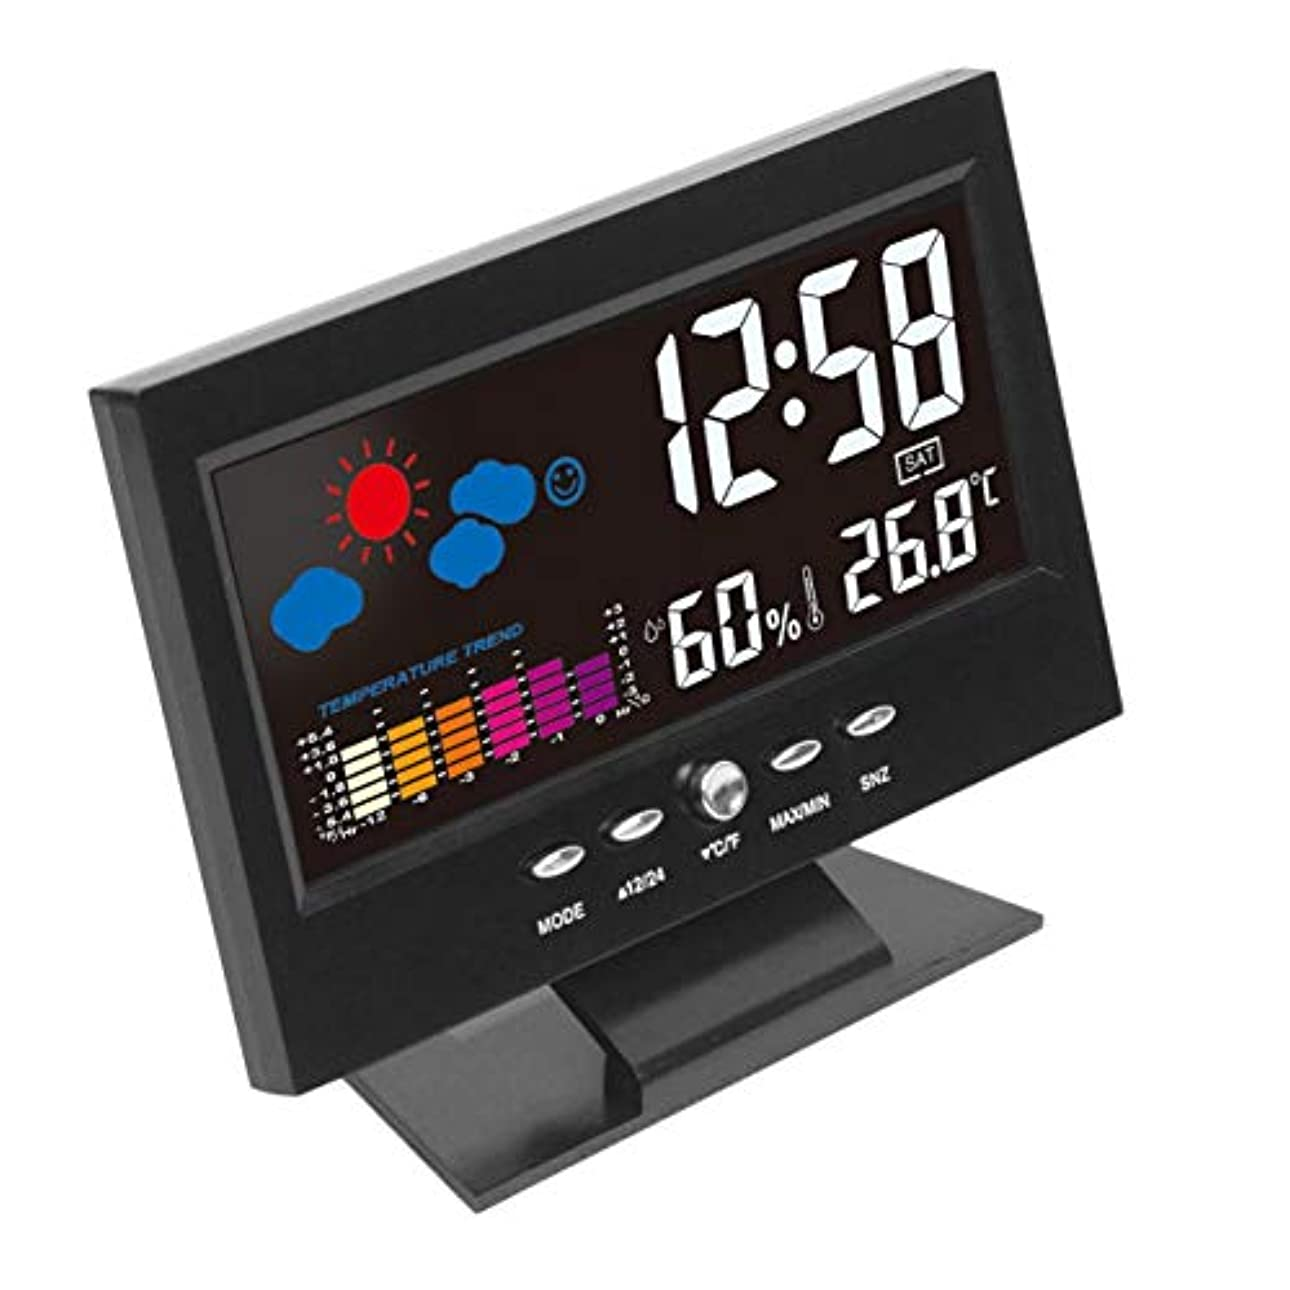 ヘルシー同等の端末Saikogoods 電子デジタルLCD 温度湿度モニター時計 温度計湿度計 屋内ホーム 天気予報時計 ブラック